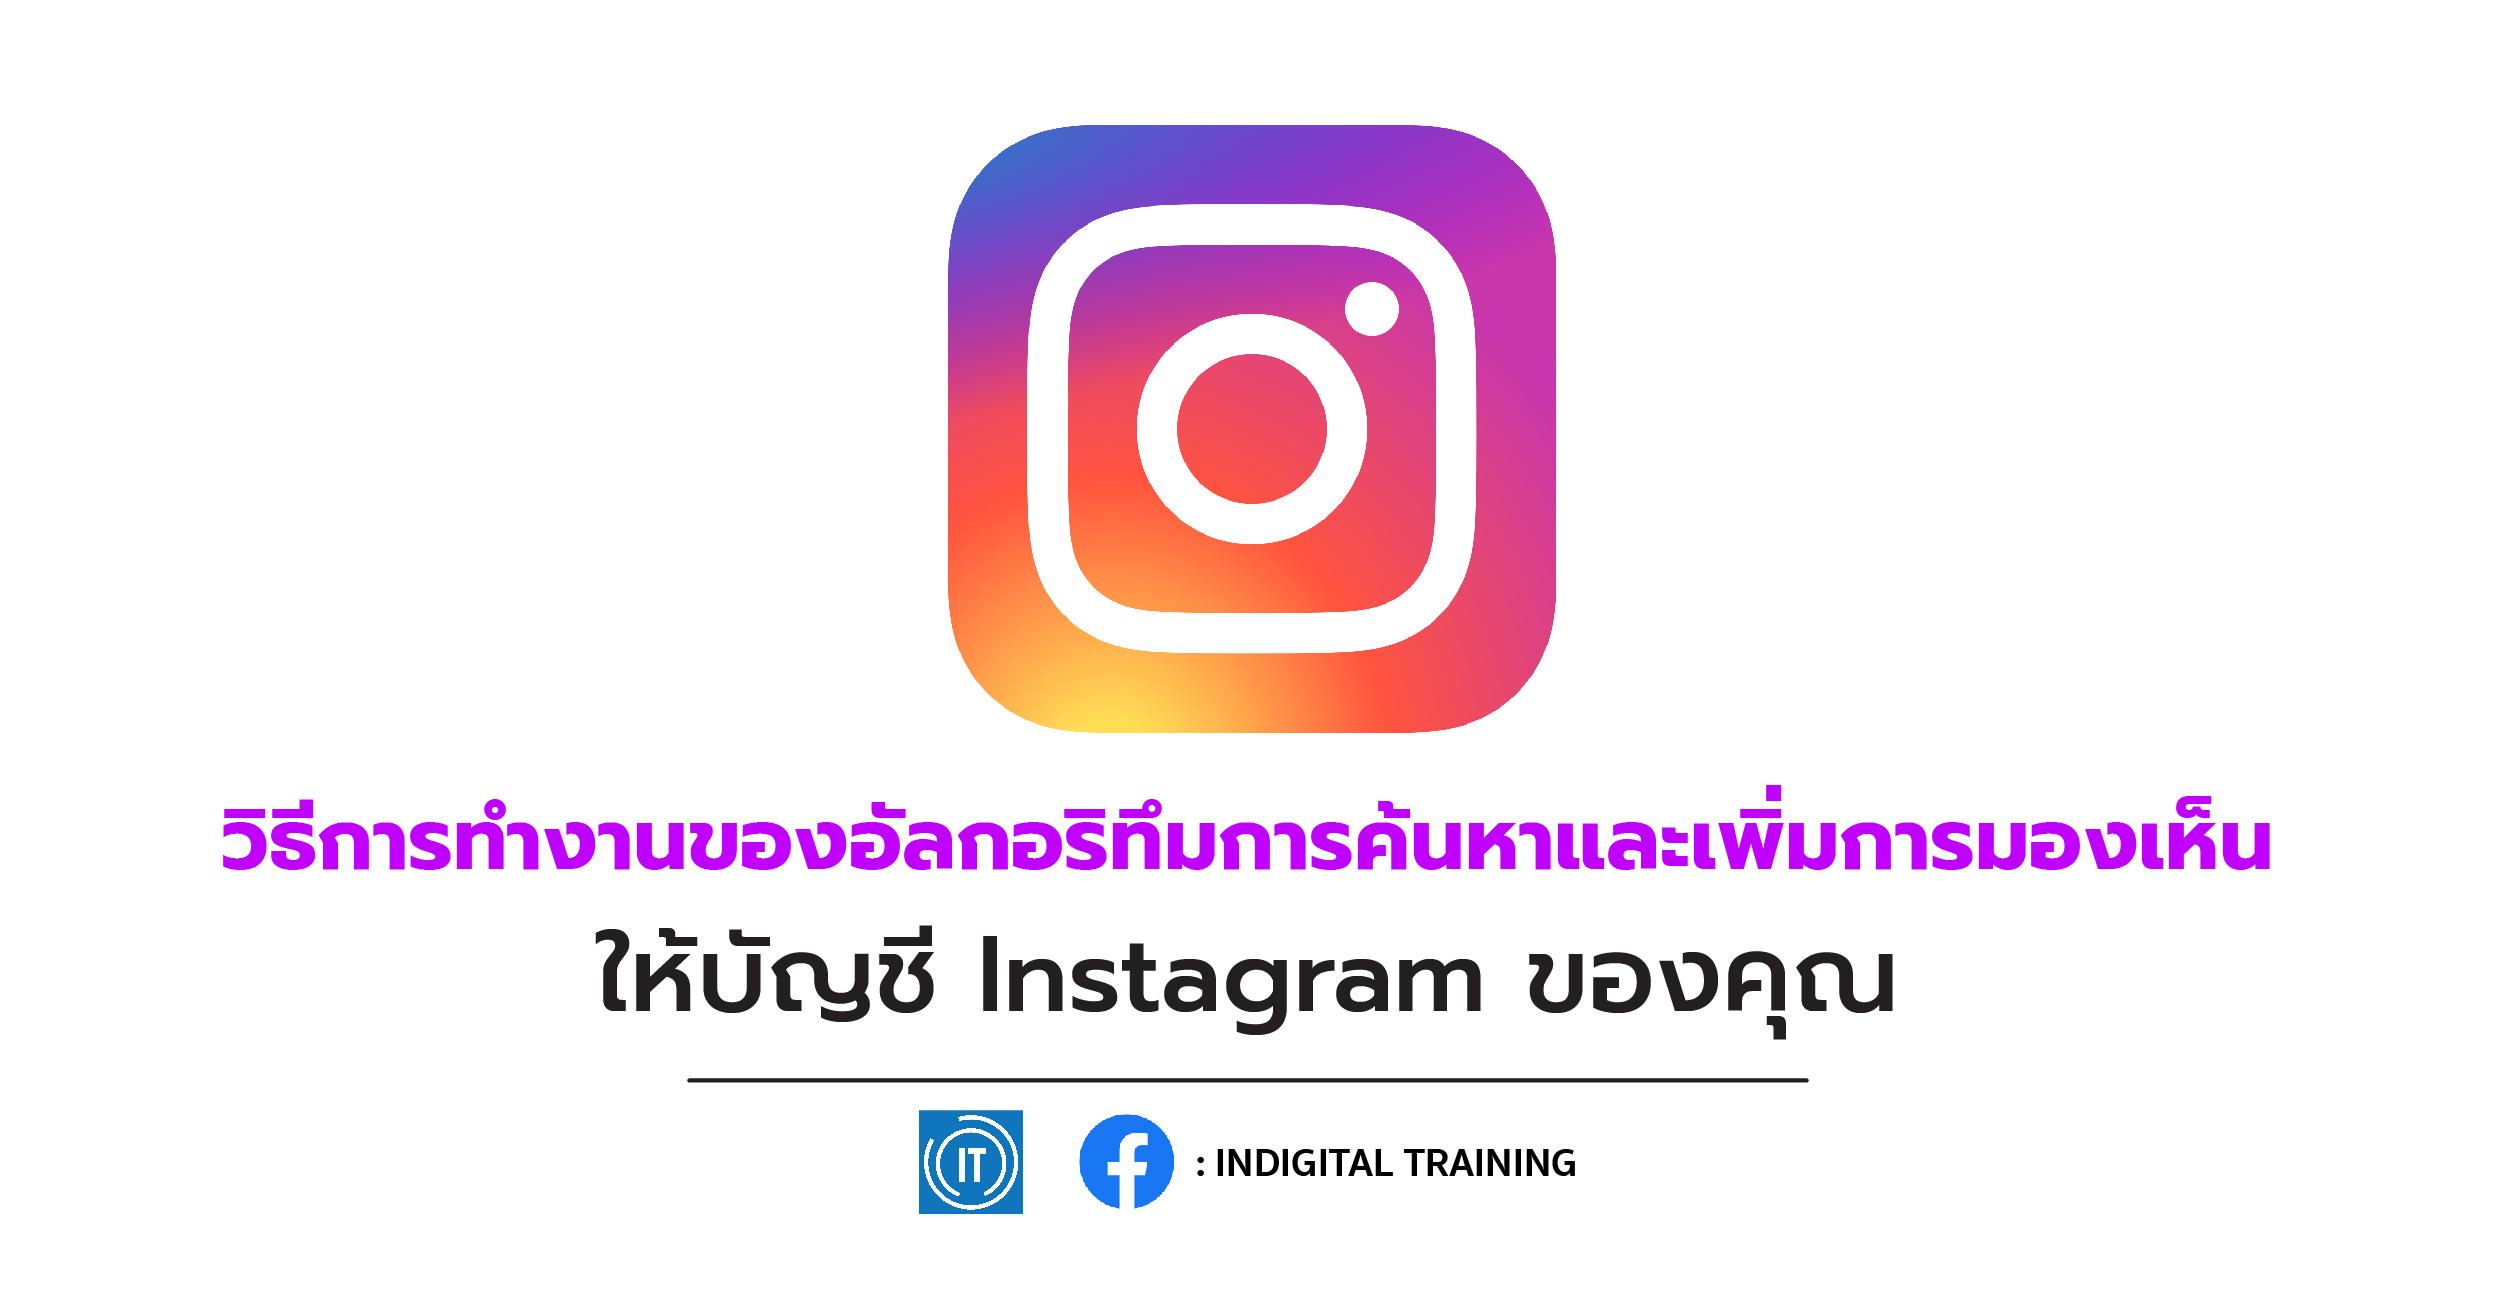 วิธีการทำงานของอัลกอริทึมการค้นหา และเพิ่มการมองเห็นให้บัญชี Instagram ของคุณ